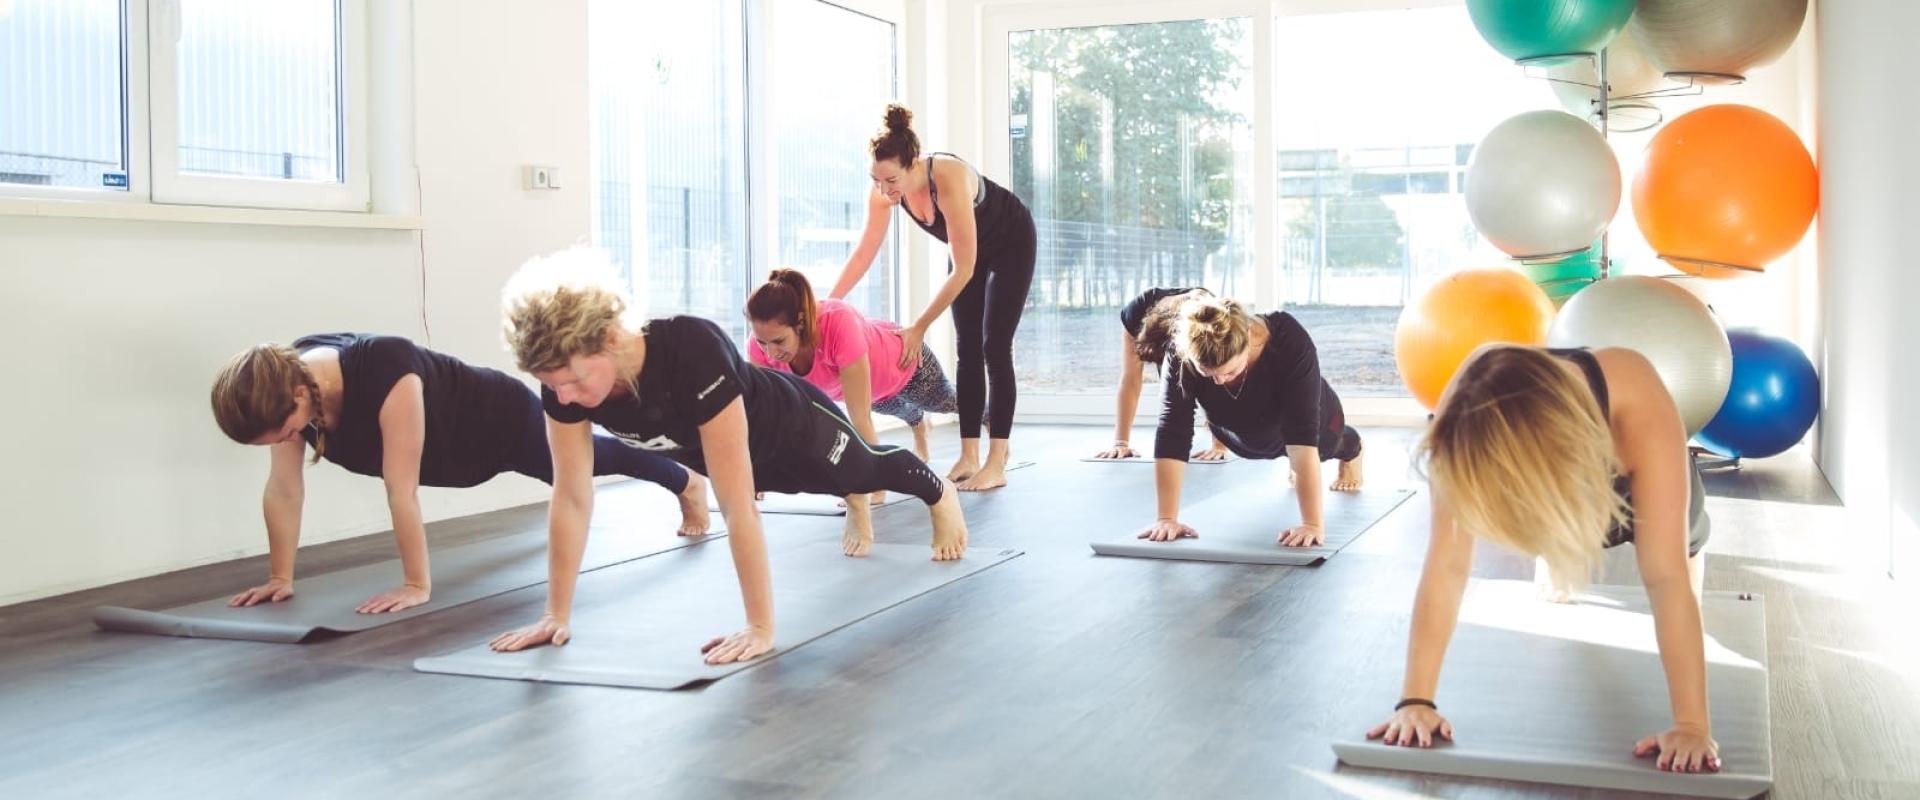 Wat is Pilates? Waarom Pilates? En wat is het verschil met yoga?